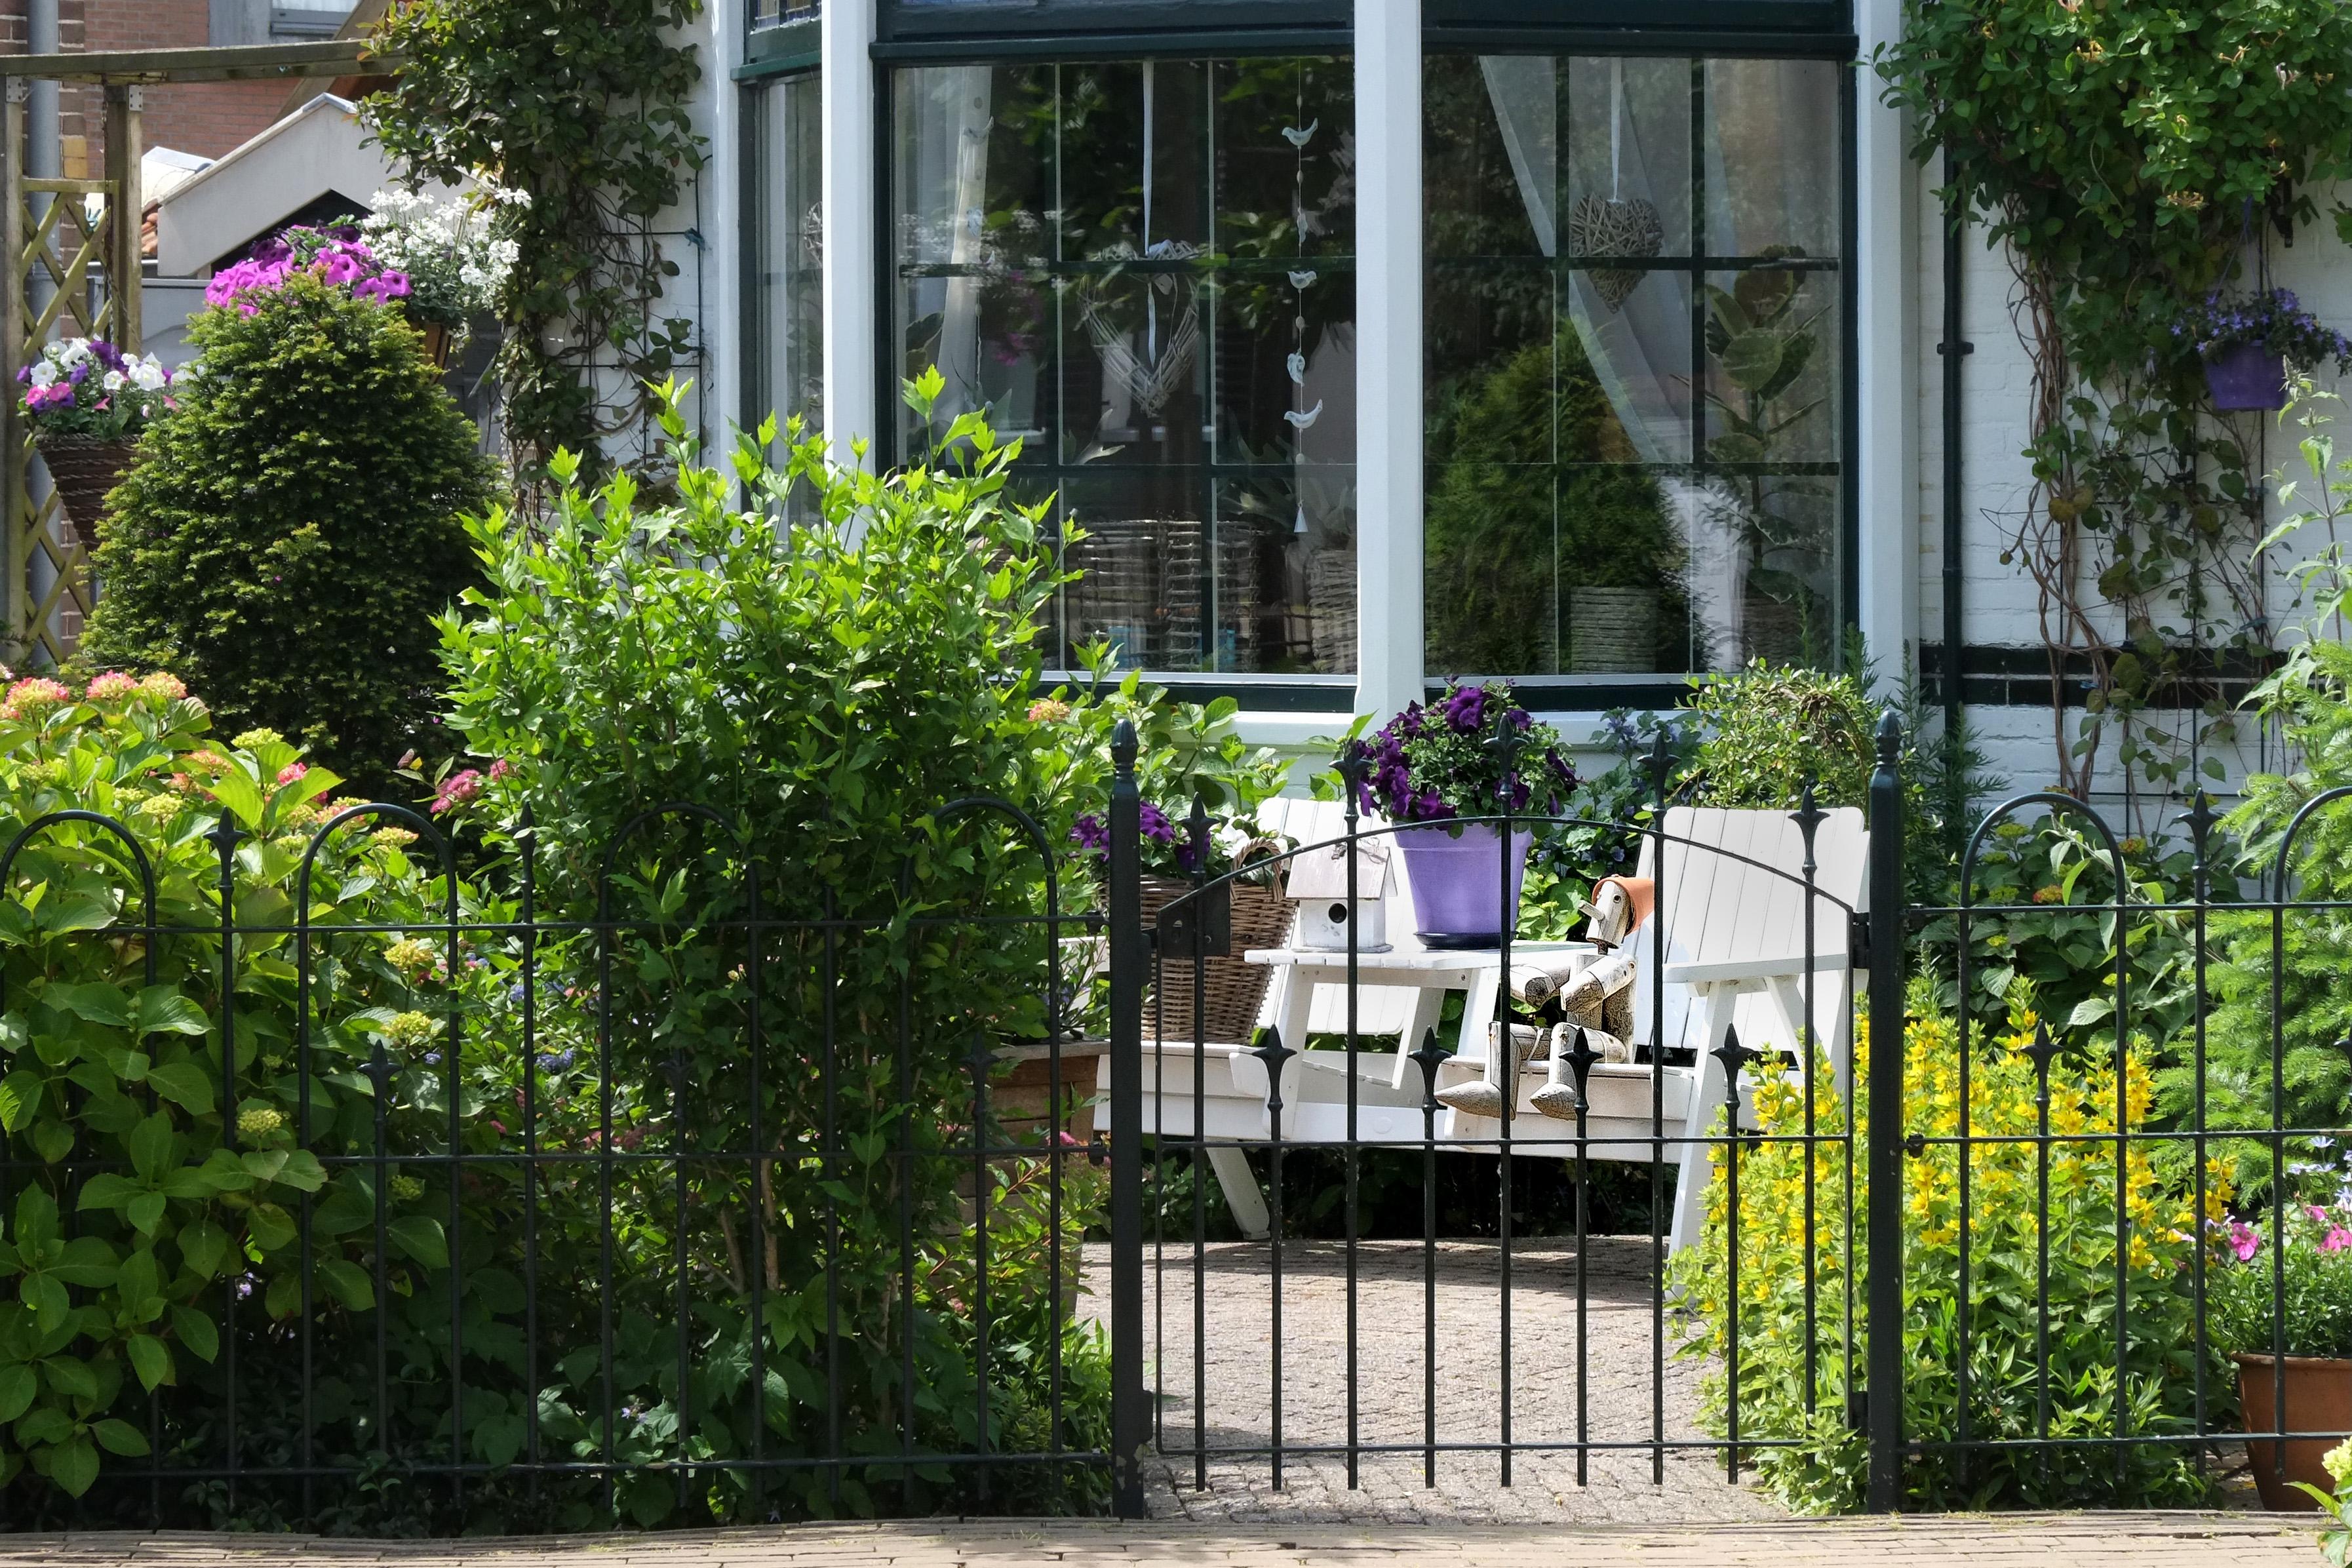 amenagement de cour de maison great amenagement de cour de maison with amenagement de cour de. Black Bedroom Furniture Sets. Home Design Ideas